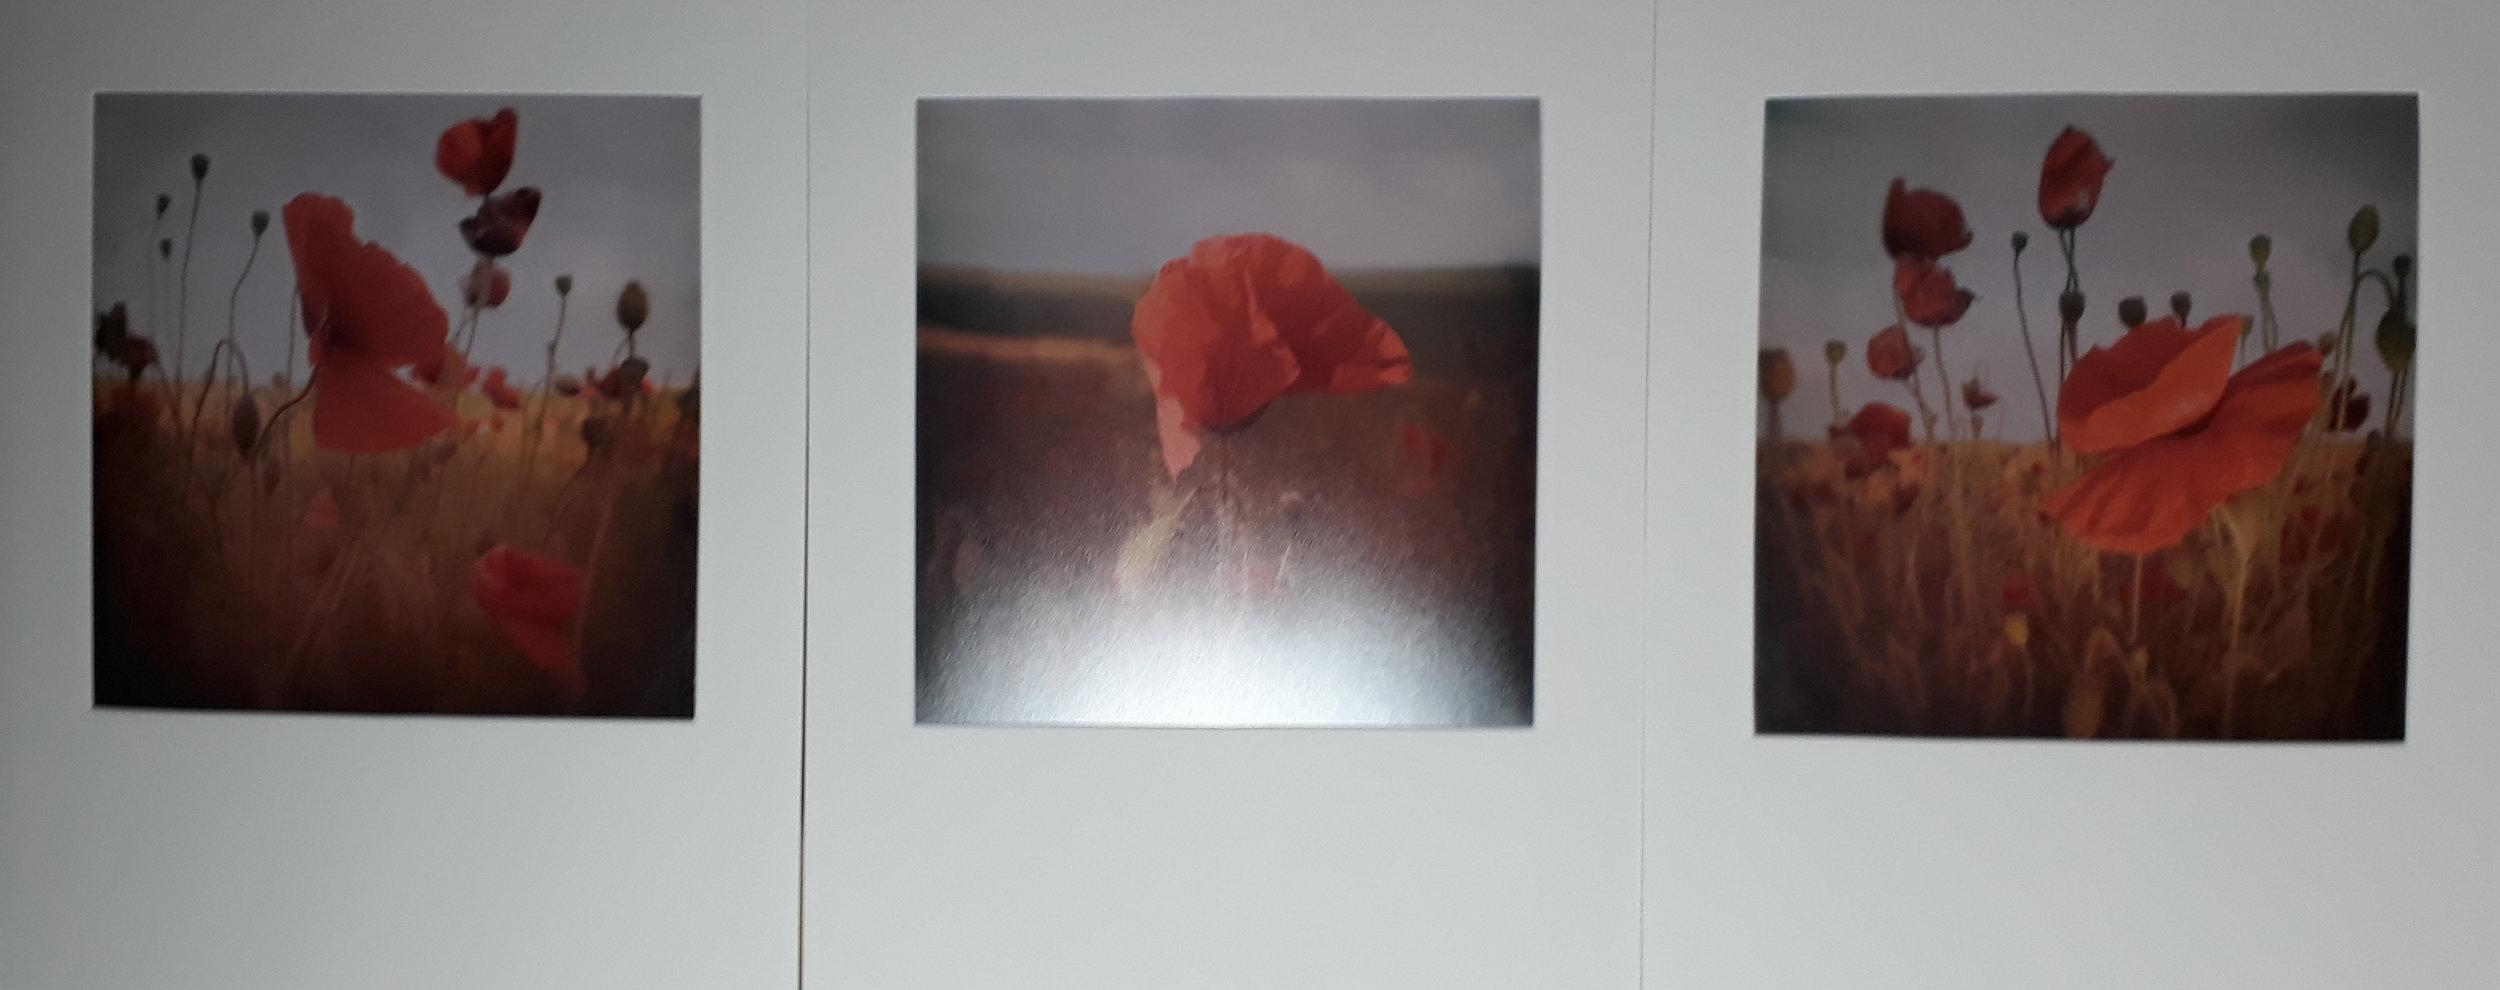 3 -Pollyjoke Poppies - Tim Gilbert